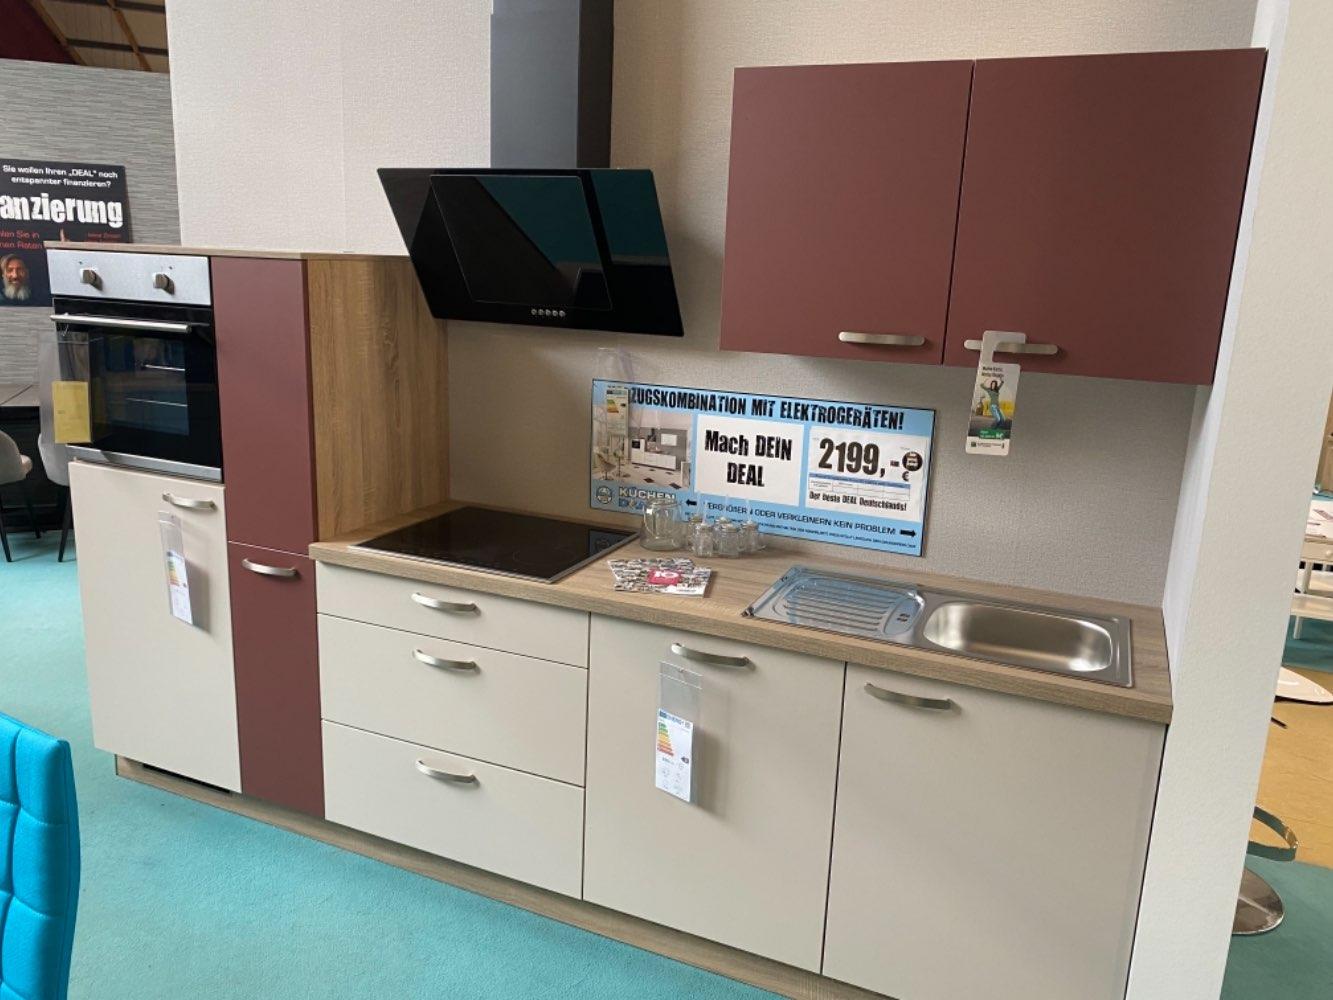 Einbauküche Aquamarin / Küche mit E-Geräten Top Deal Koje 30